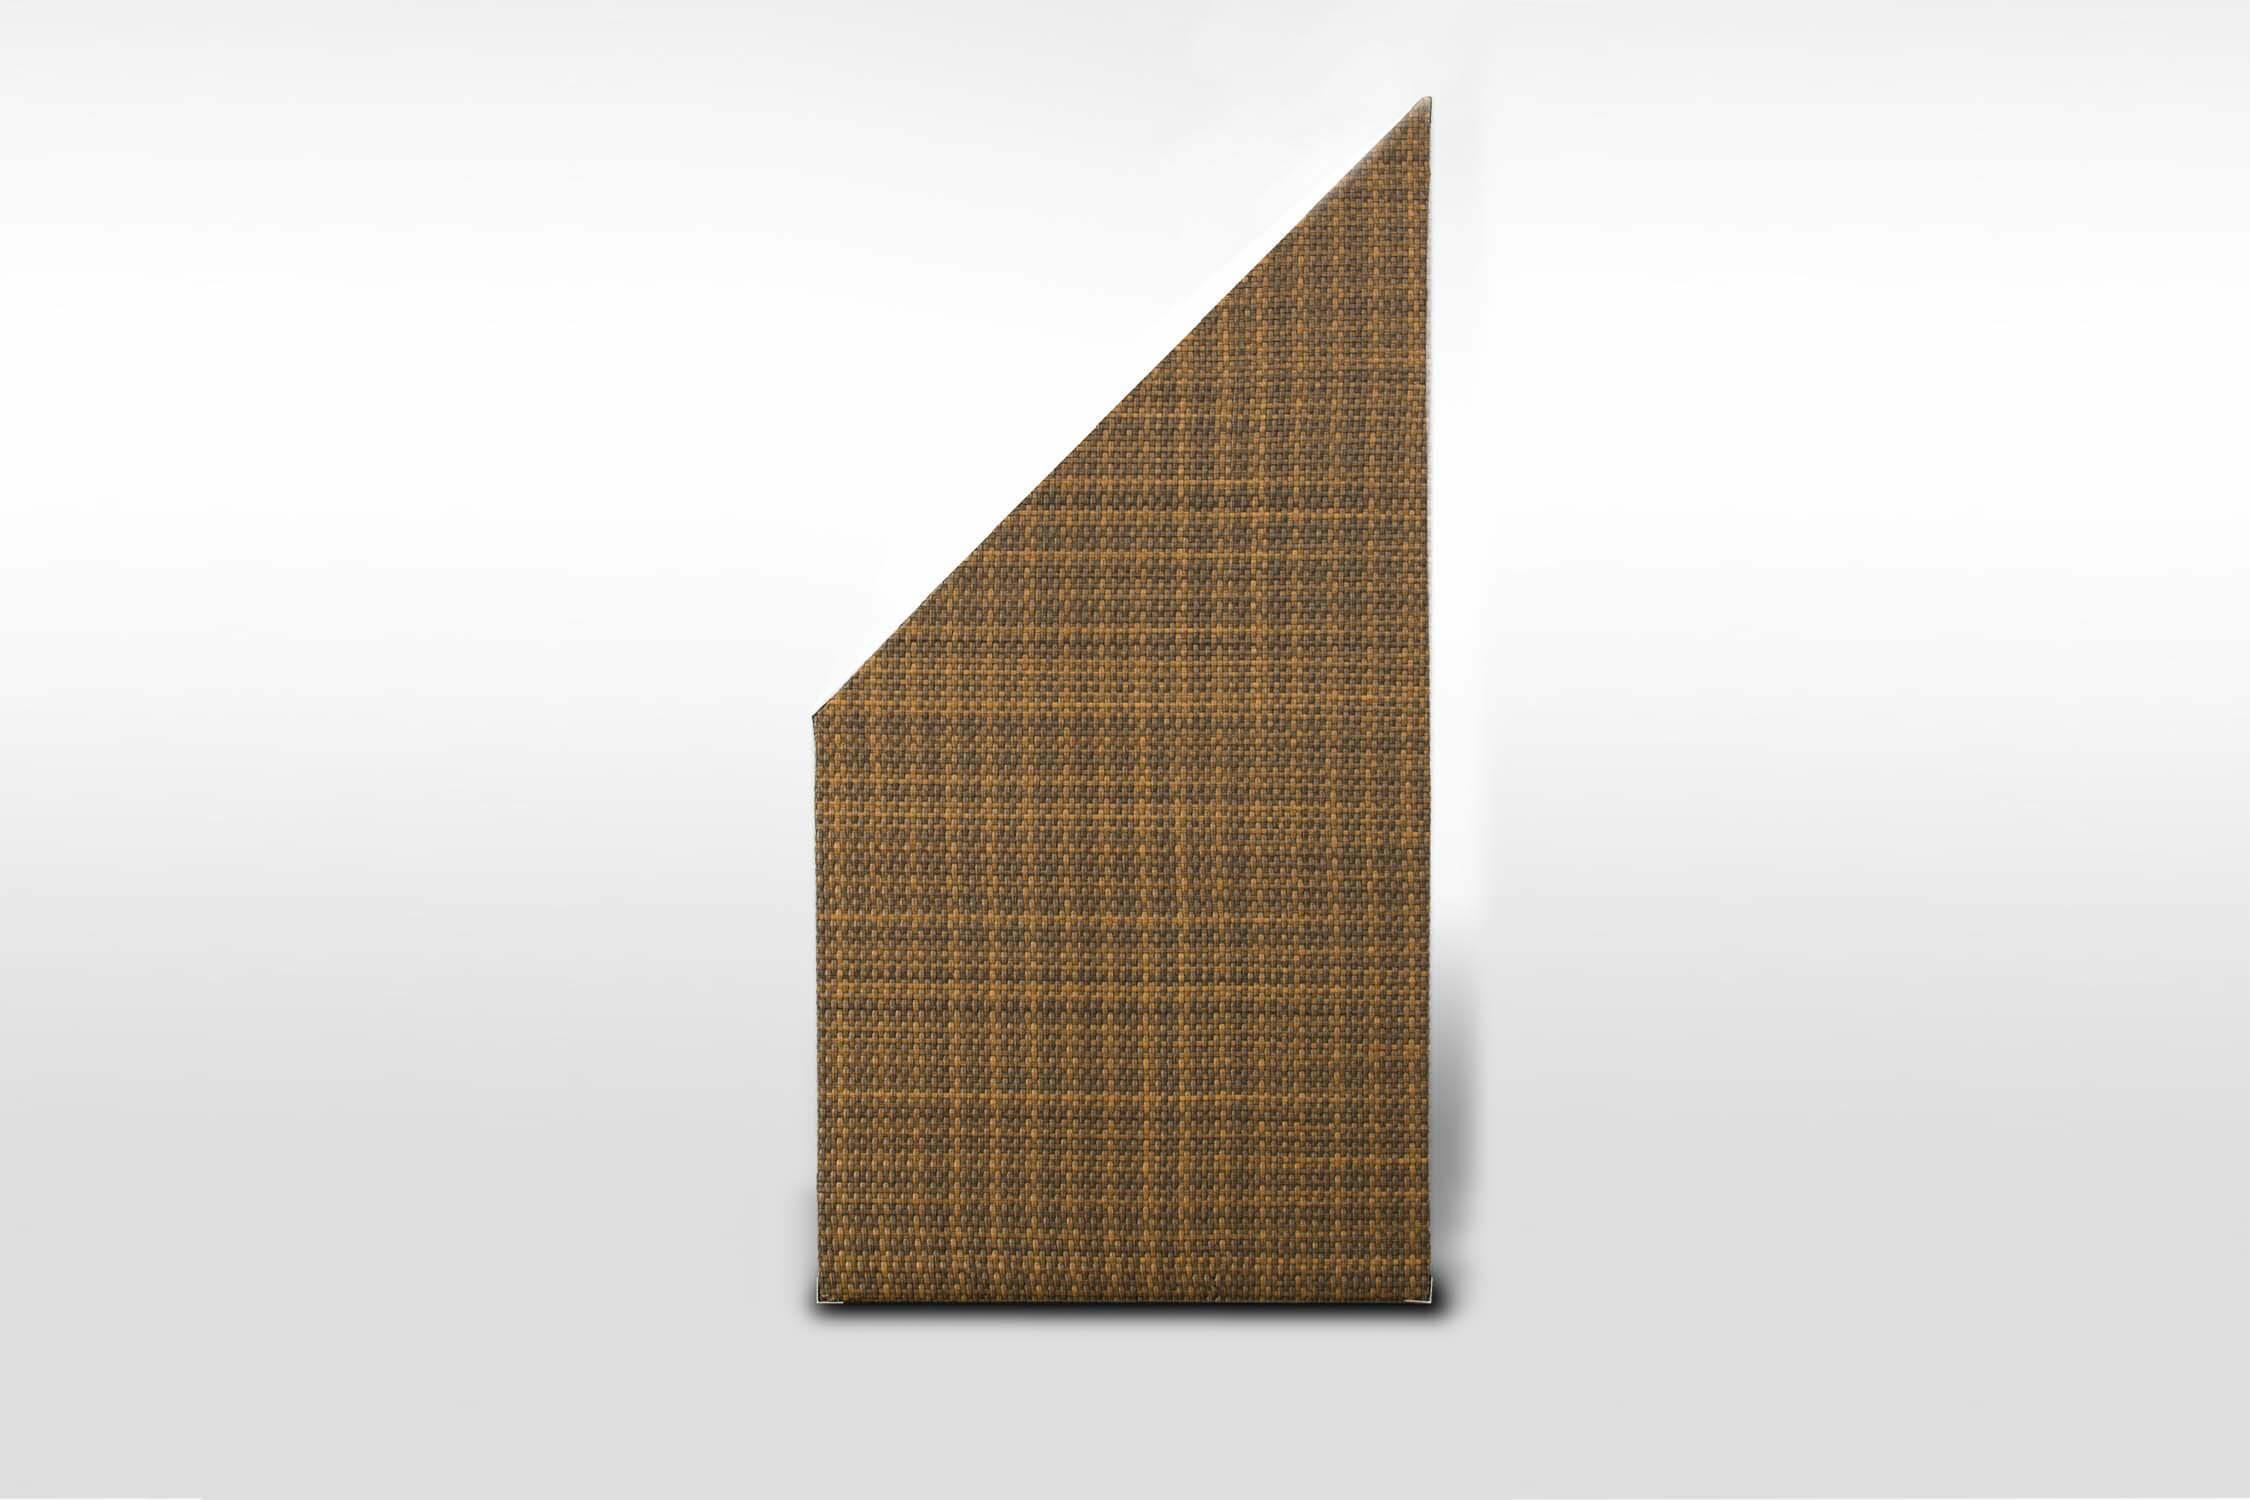 Vidaxl 1001mebli panelowe dwustronne 11 kolorów, (wys .180cm x 90cm szer. 90cm) NR 0545 - Biały (RD-07) PR-SG03523-06